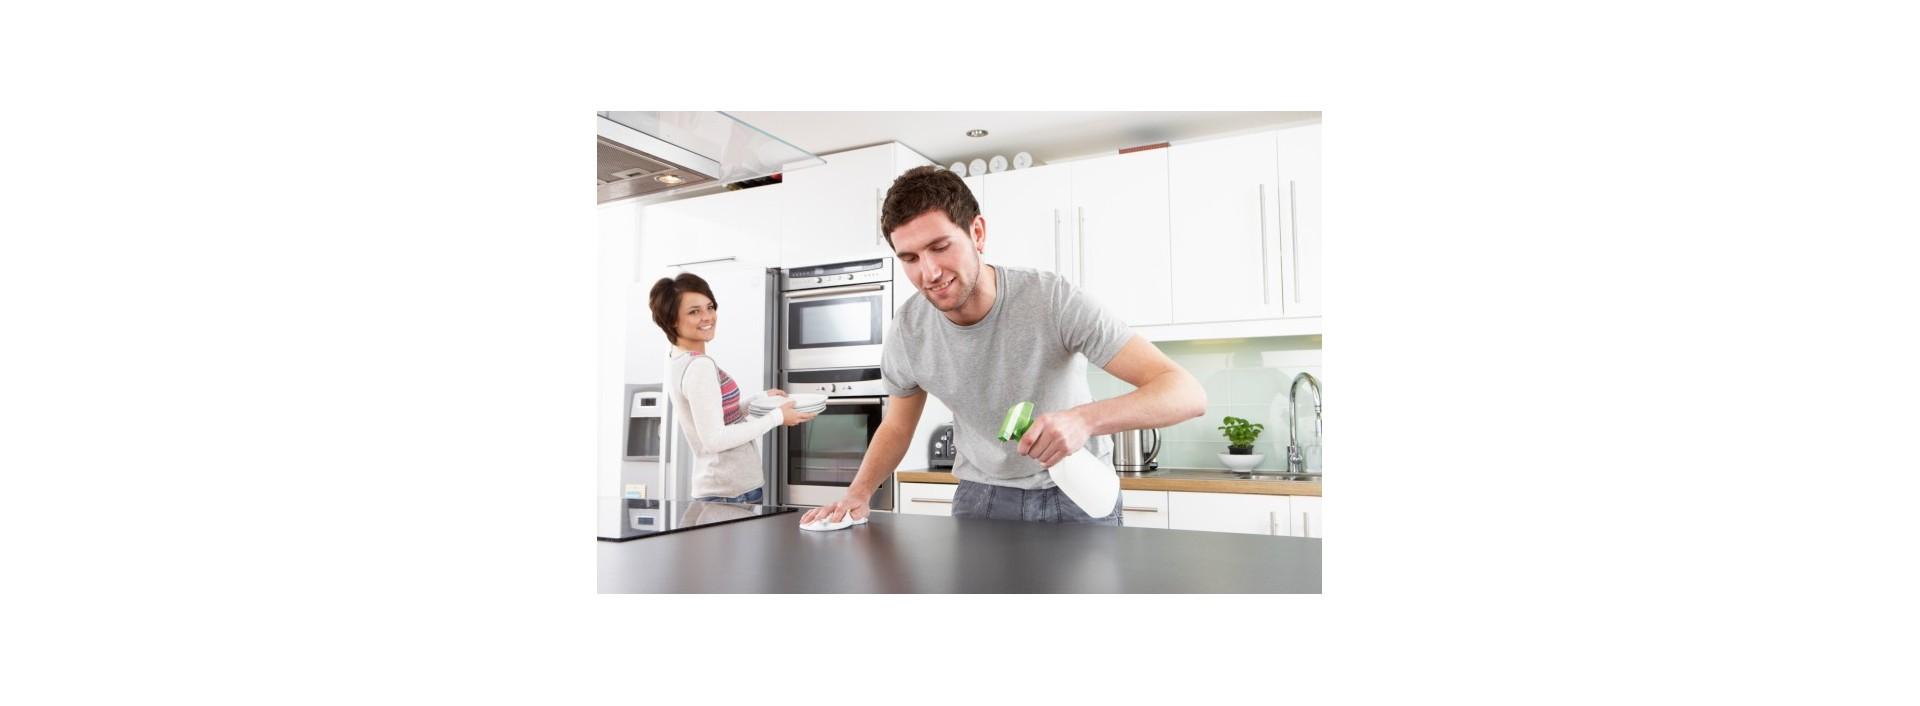 Todo tipo de productos para la cocina en galisl.com Tu web de la Hostelería